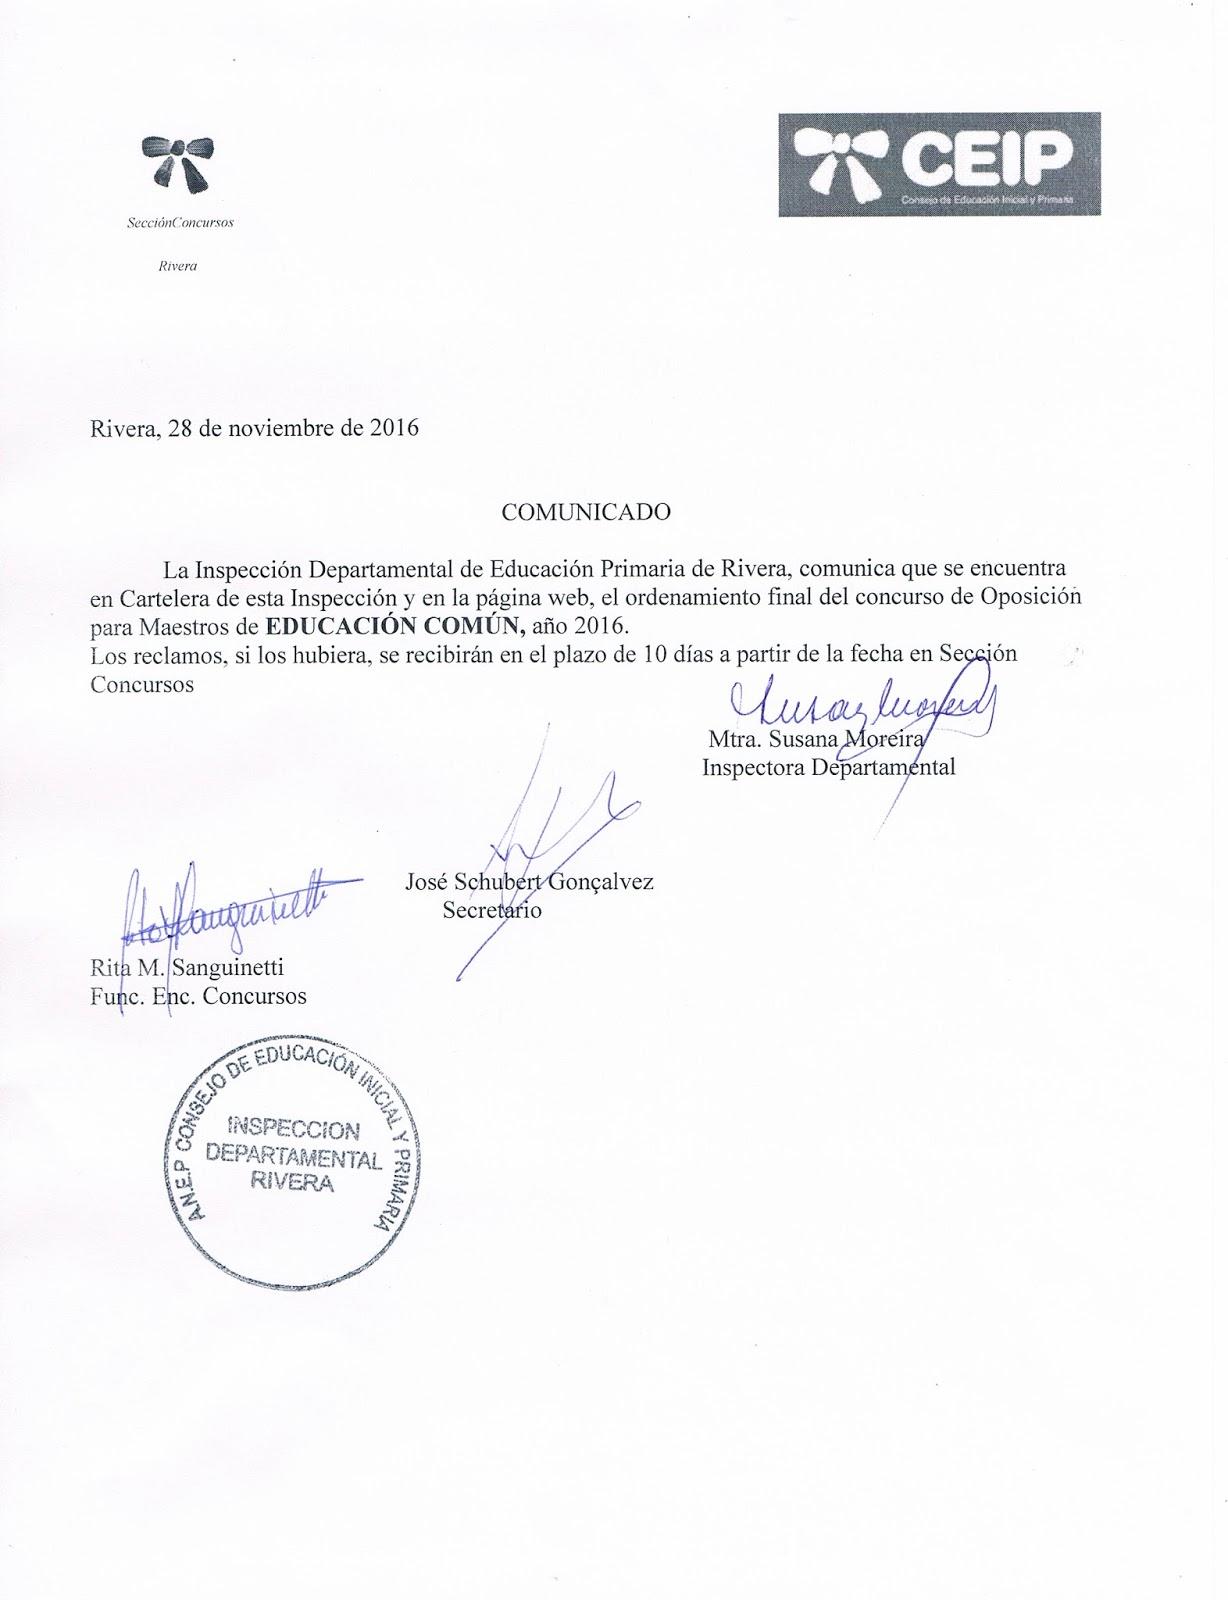 Inspecci n departamental de educaci n primaria rivera for Concurso para maestros